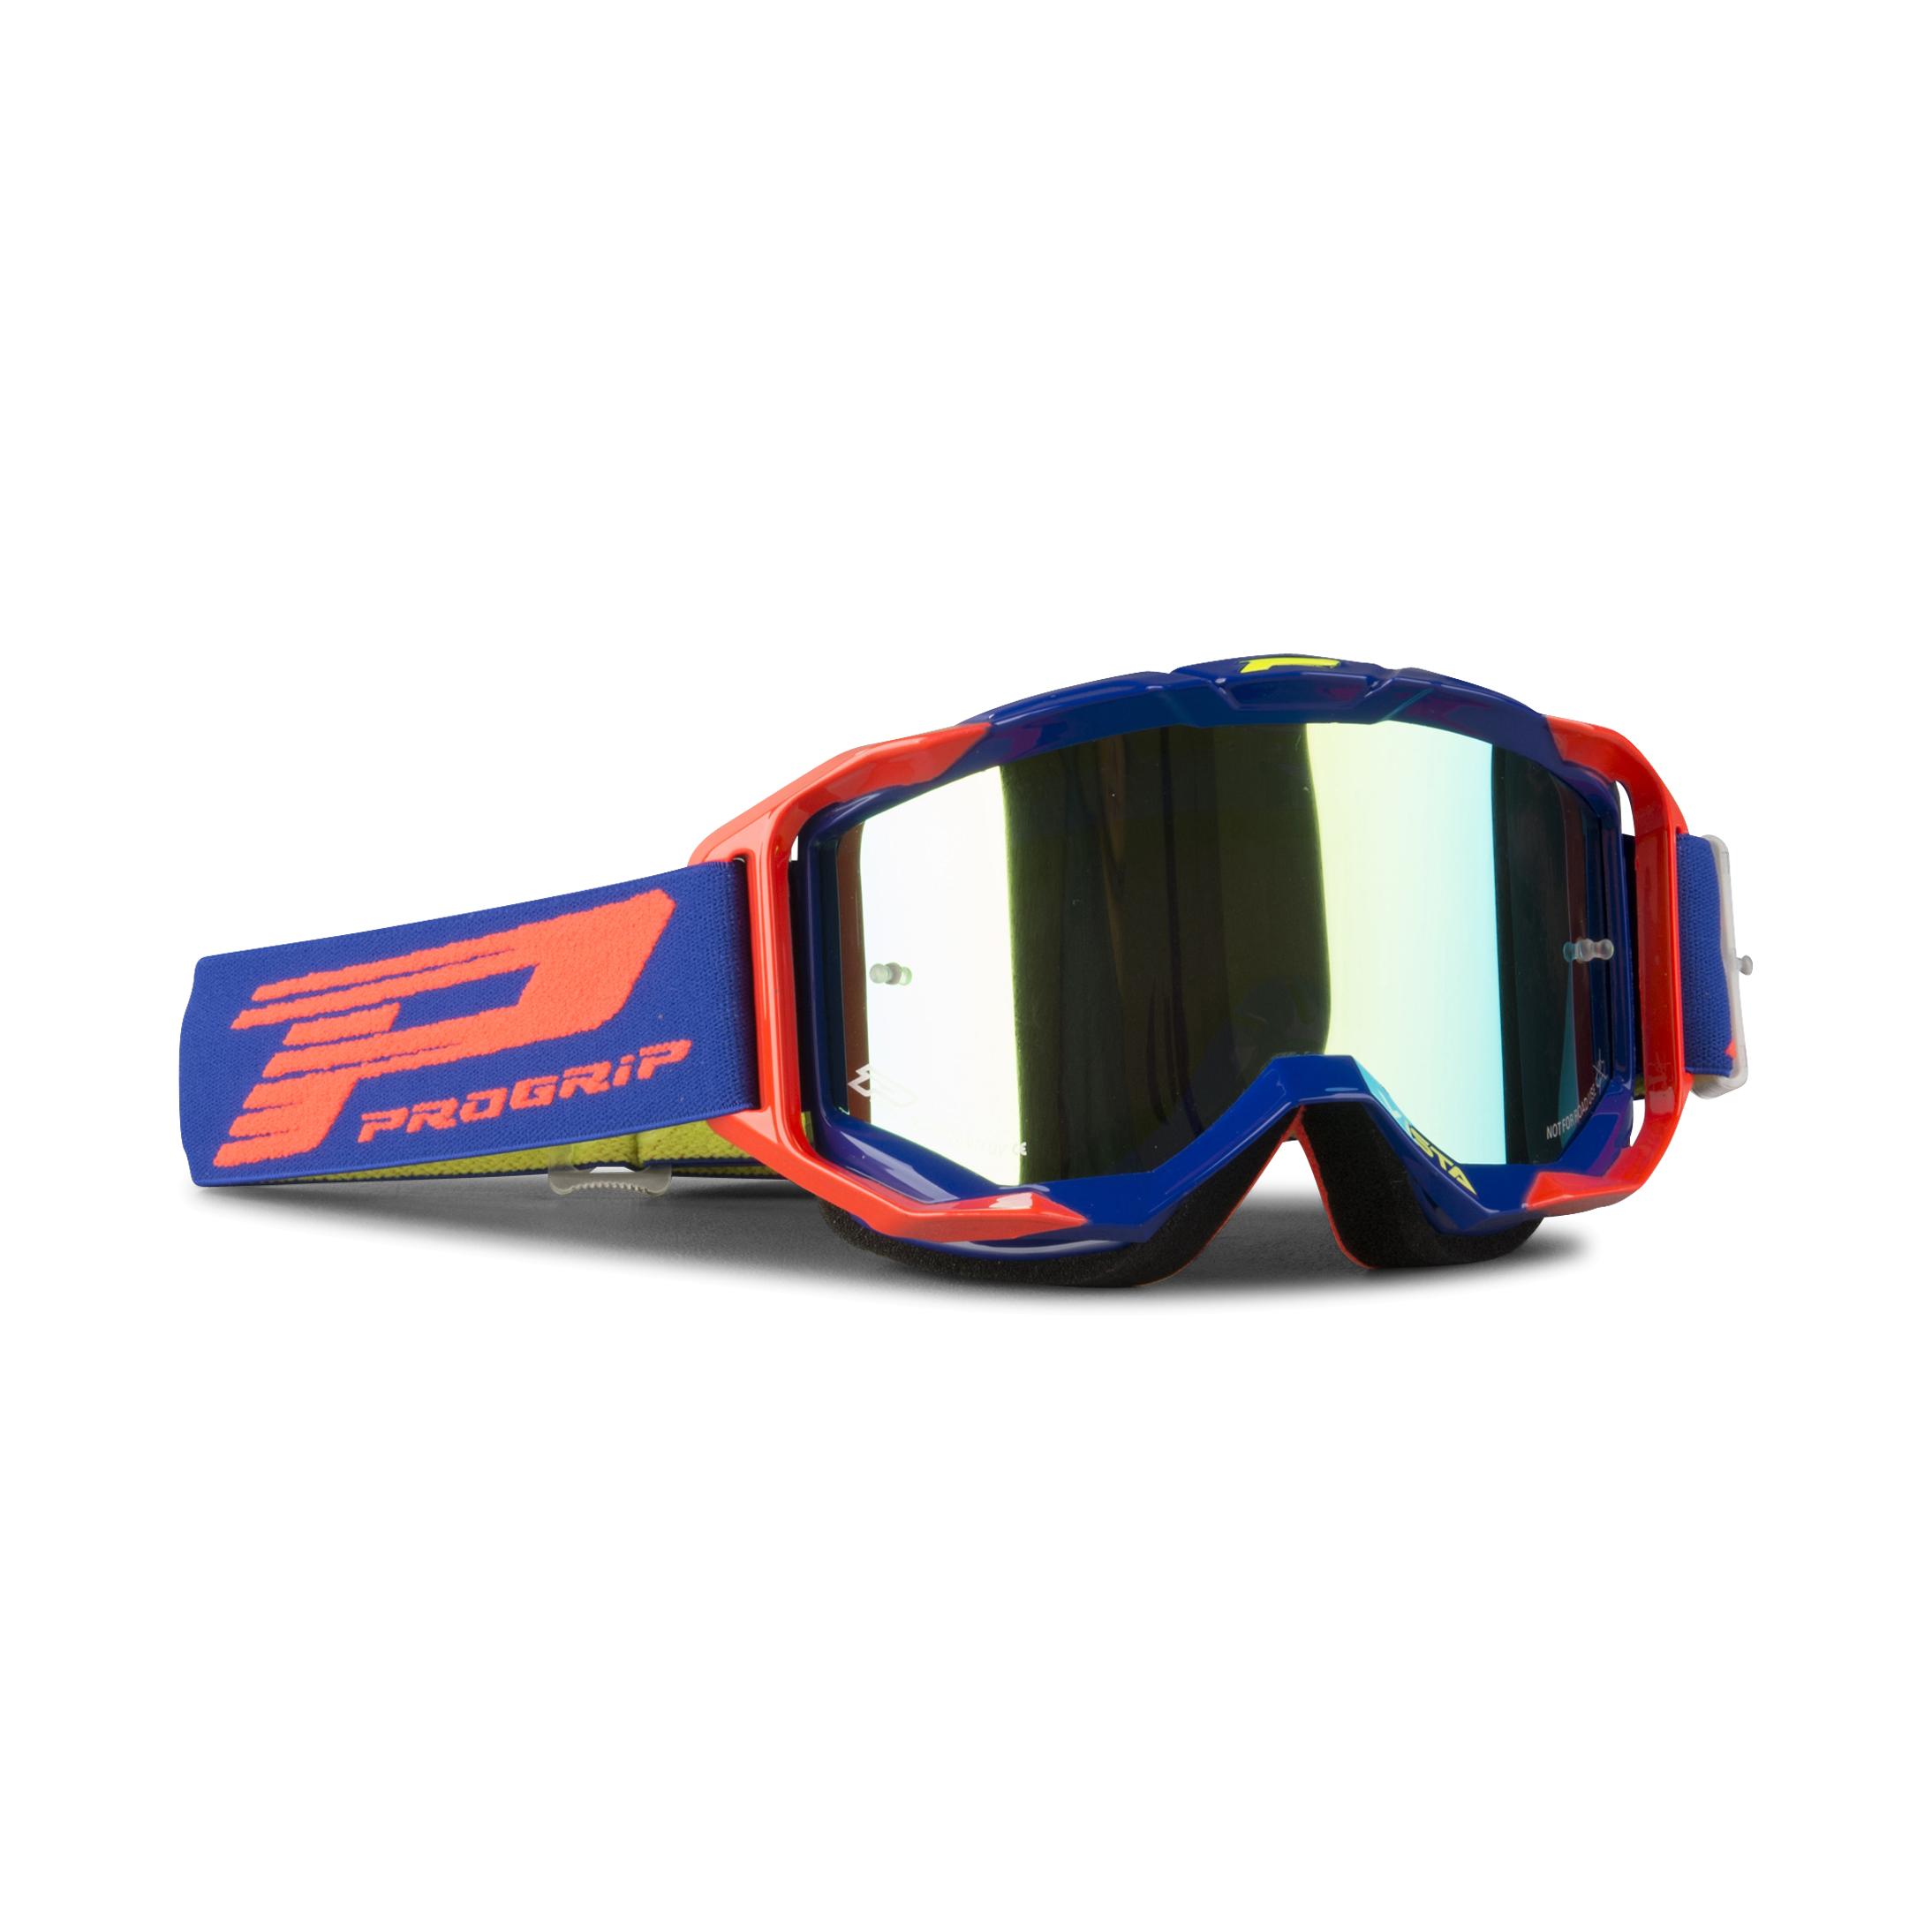 Progrip Masque cross Progrip 3303 Vista Bleu-Orange Fluo Multi-épaisseurs